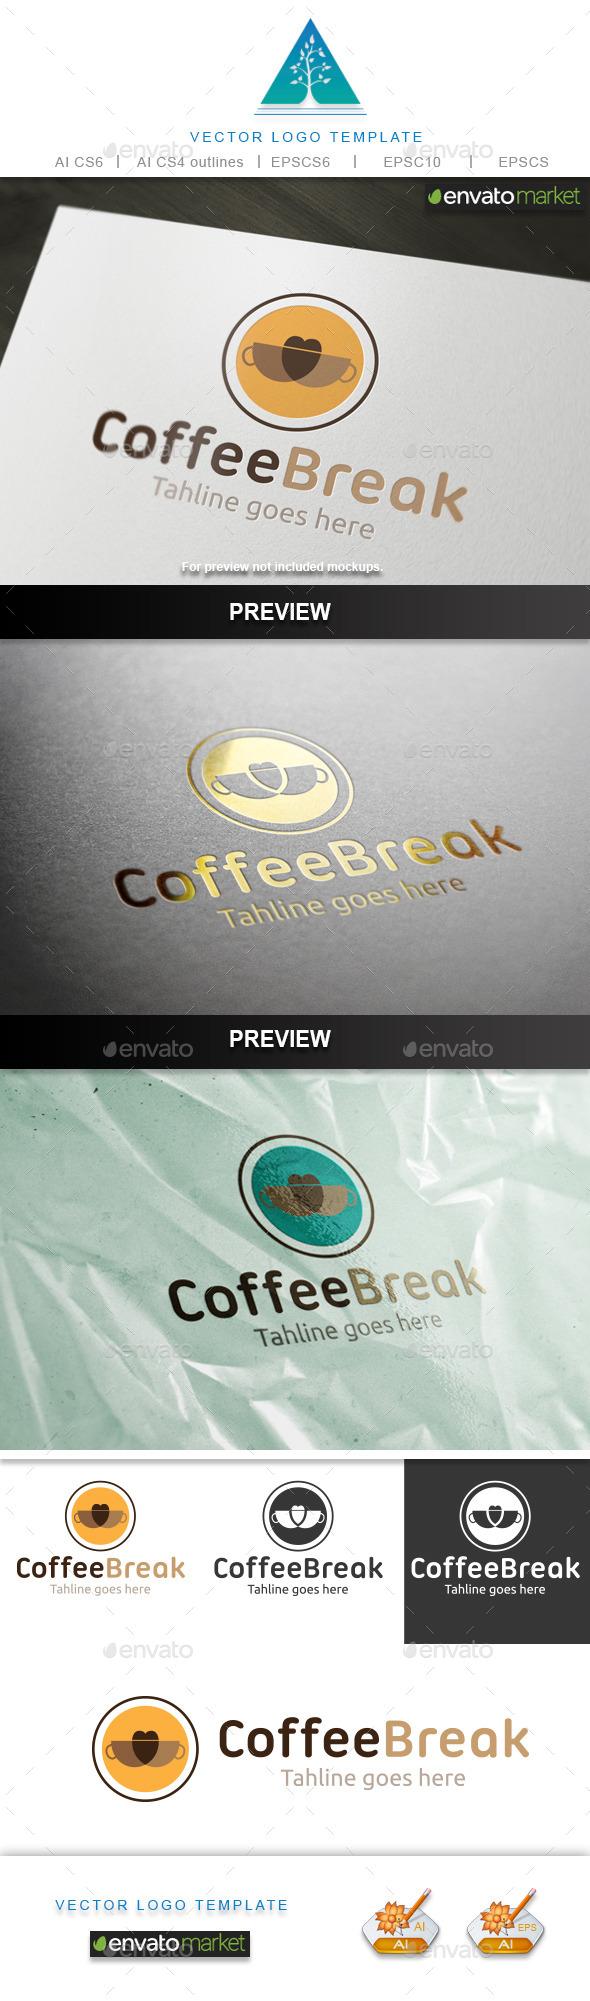 GraphicRiver Coffee Break 2 Logo 9987716